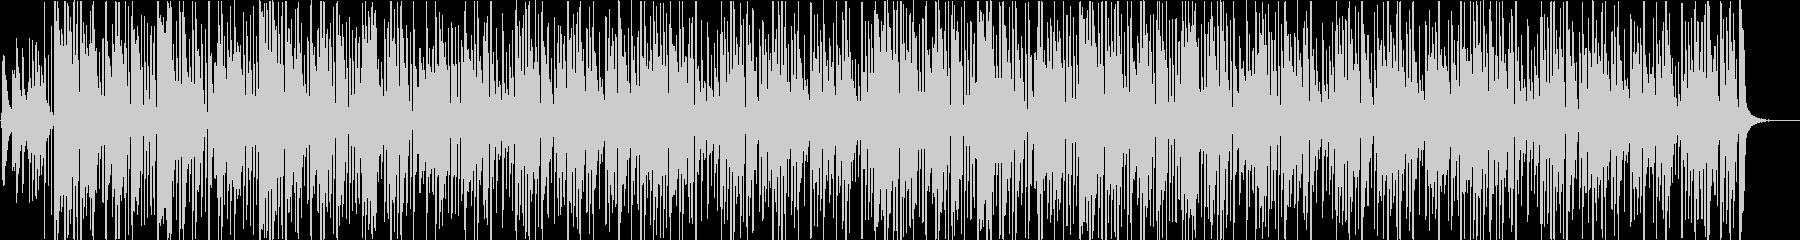 お琴の音色が可愛いほのぼのお正月の未再生の波形